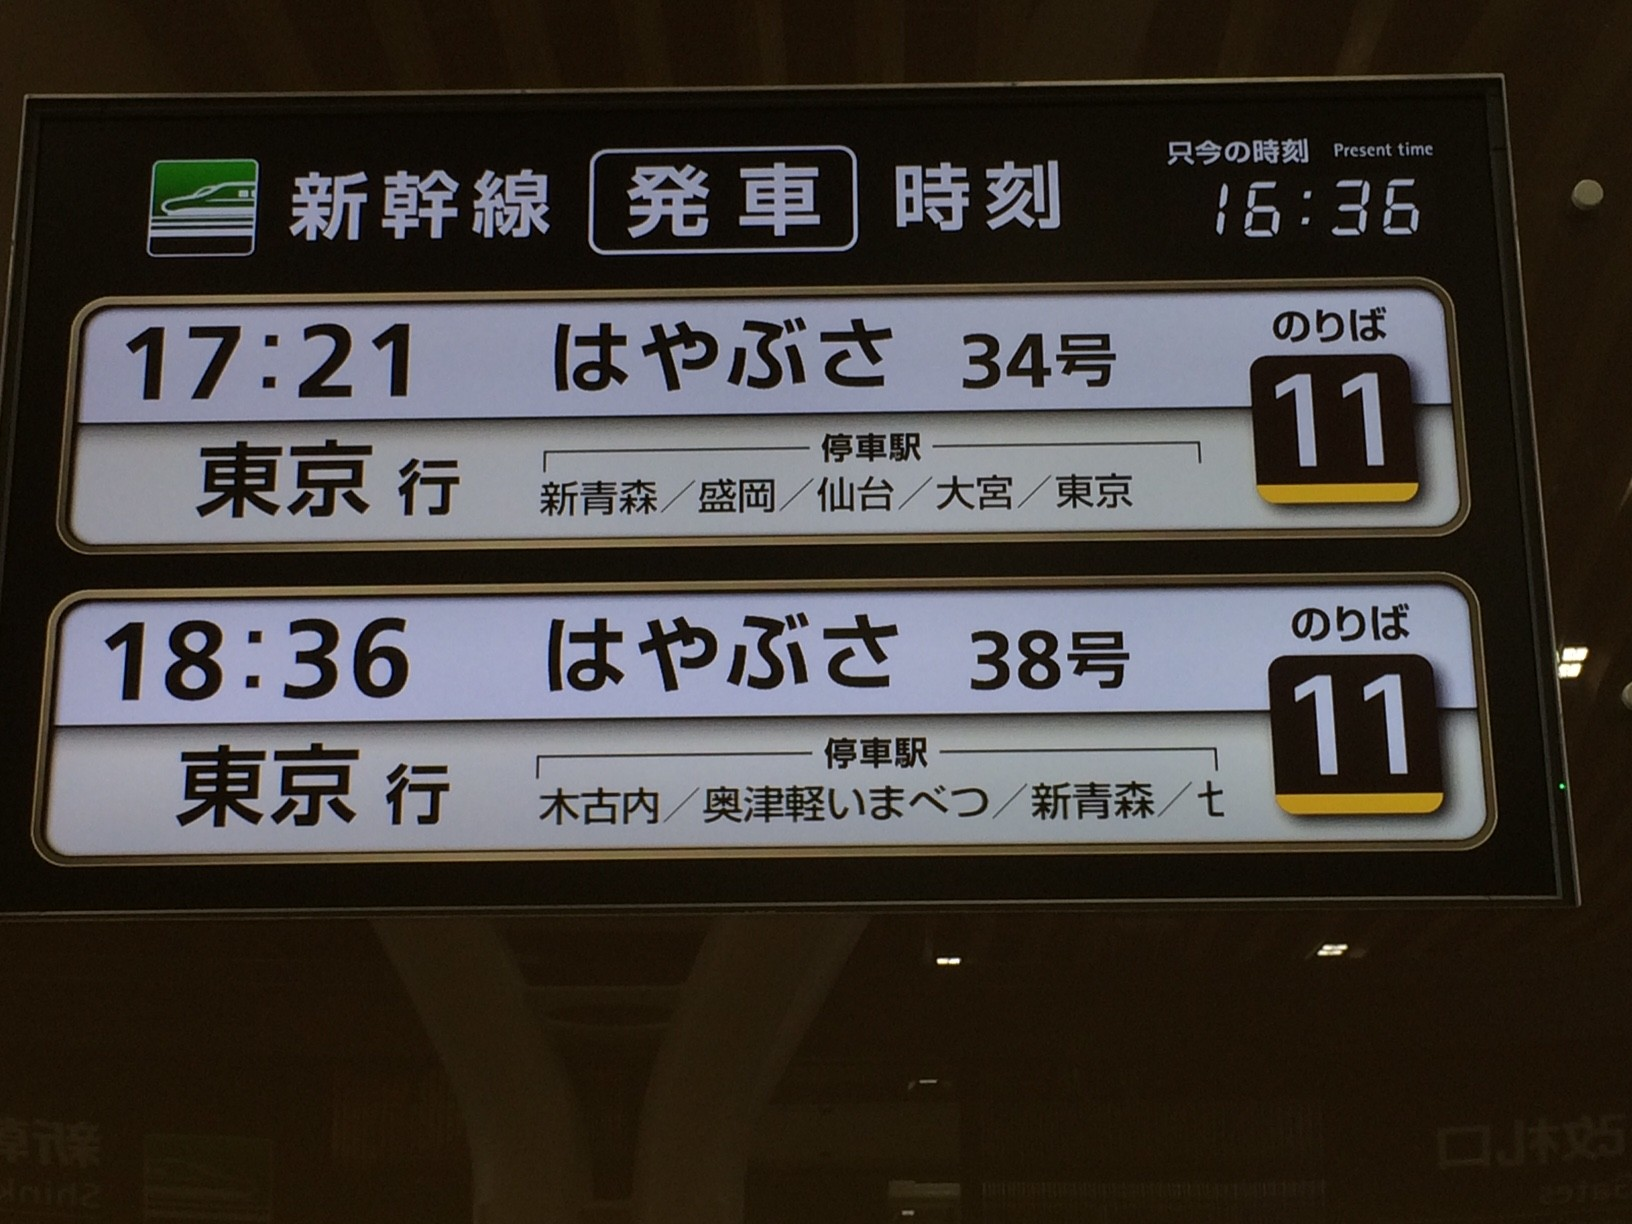 平成28年4月8日 新函館北斗17:21発はやぶさ34号で仙台へ